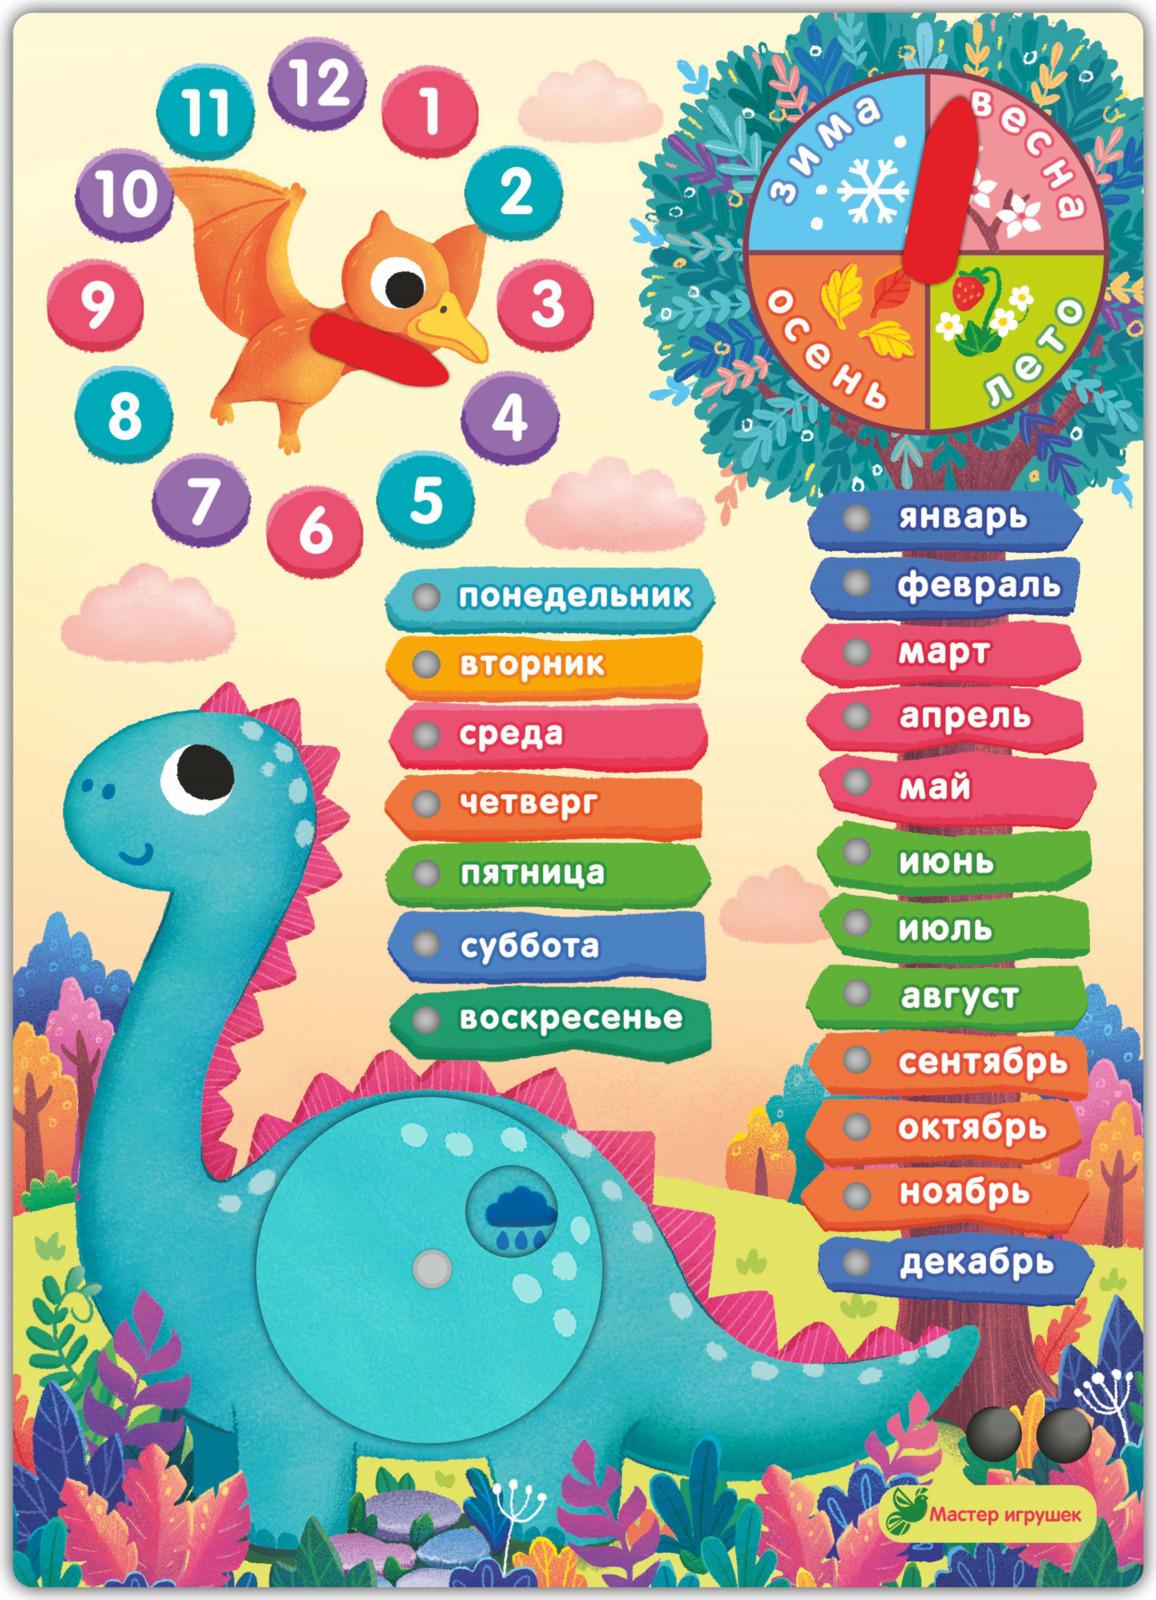 Обучающая игра Фабрика Мастер игрушек ДиноЛенд, 4631142187371